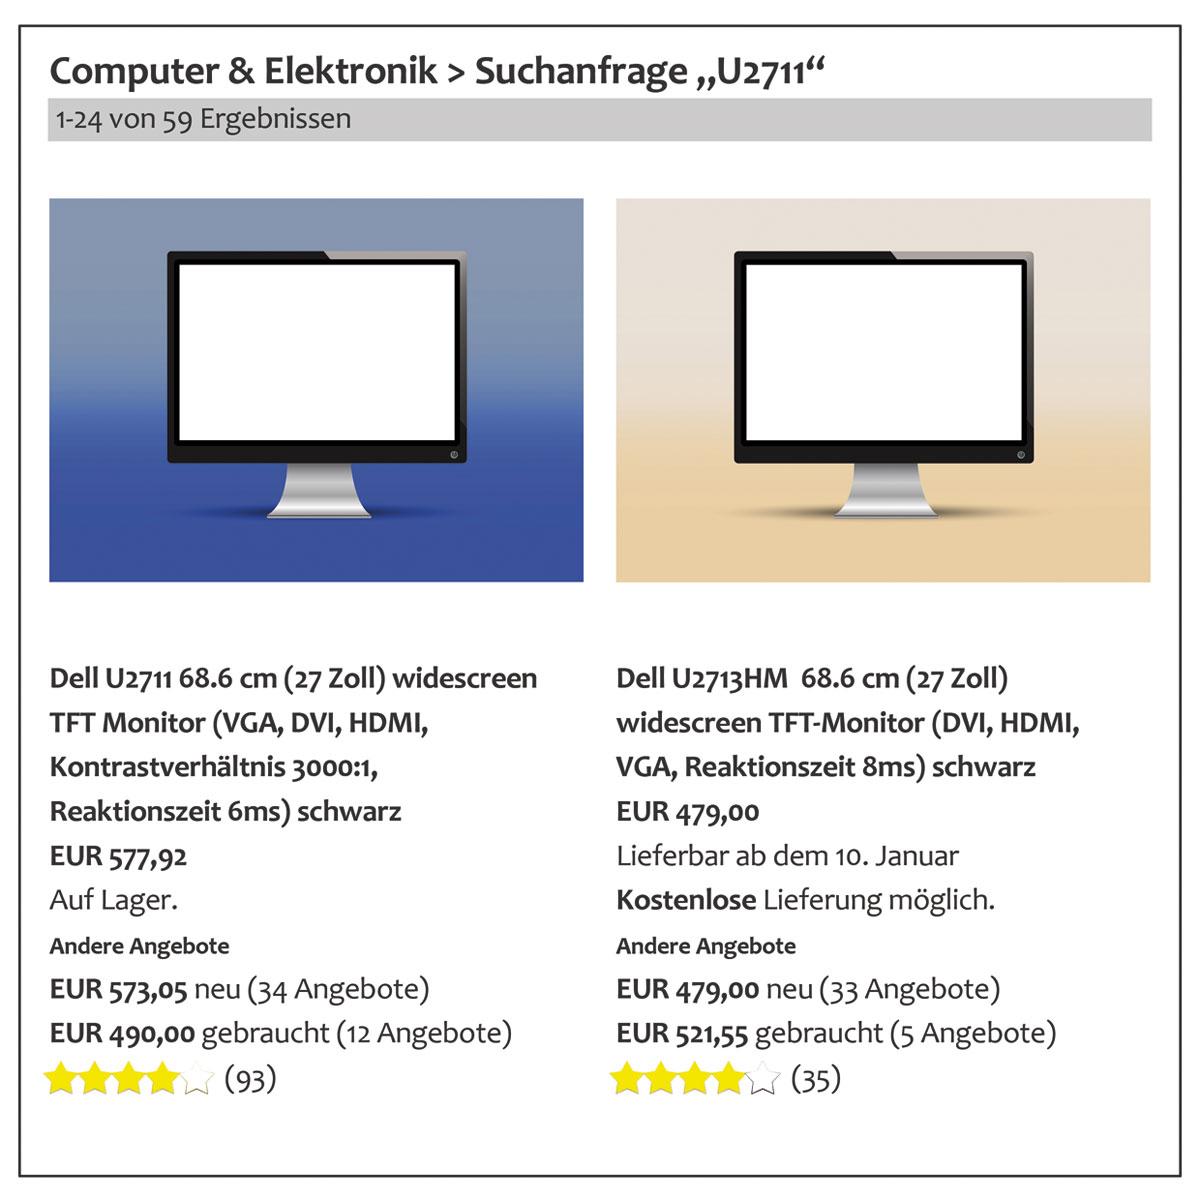 Conversion Rate Optimierung - Unübersichtliche Informationsdarstellung in Online Shops